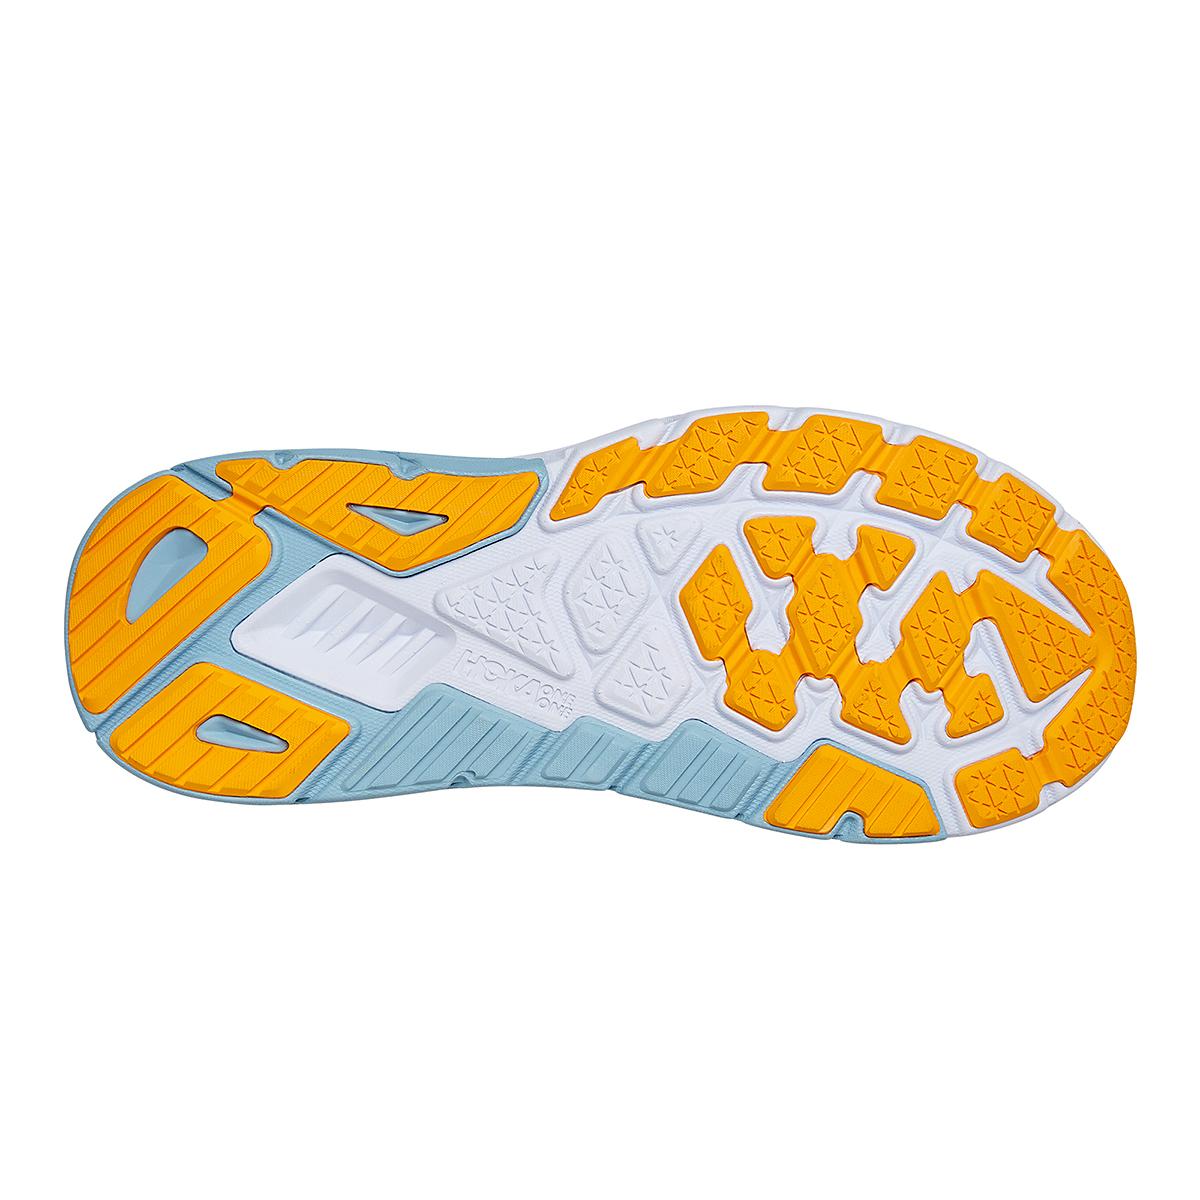 Men's Hoka One One Arahi 5 Running Shoe - Color: Ombre Blue/Blue Fog - Size: 8.5 - Width: Regular, Ombre Blue/Blue Fog, large, image 6